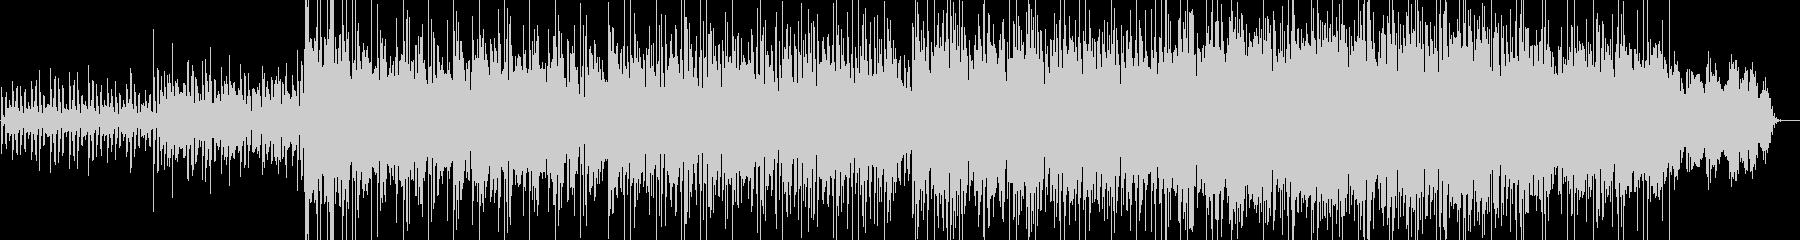 軽やかな雰囲気の電子音ポップの未再生の波形